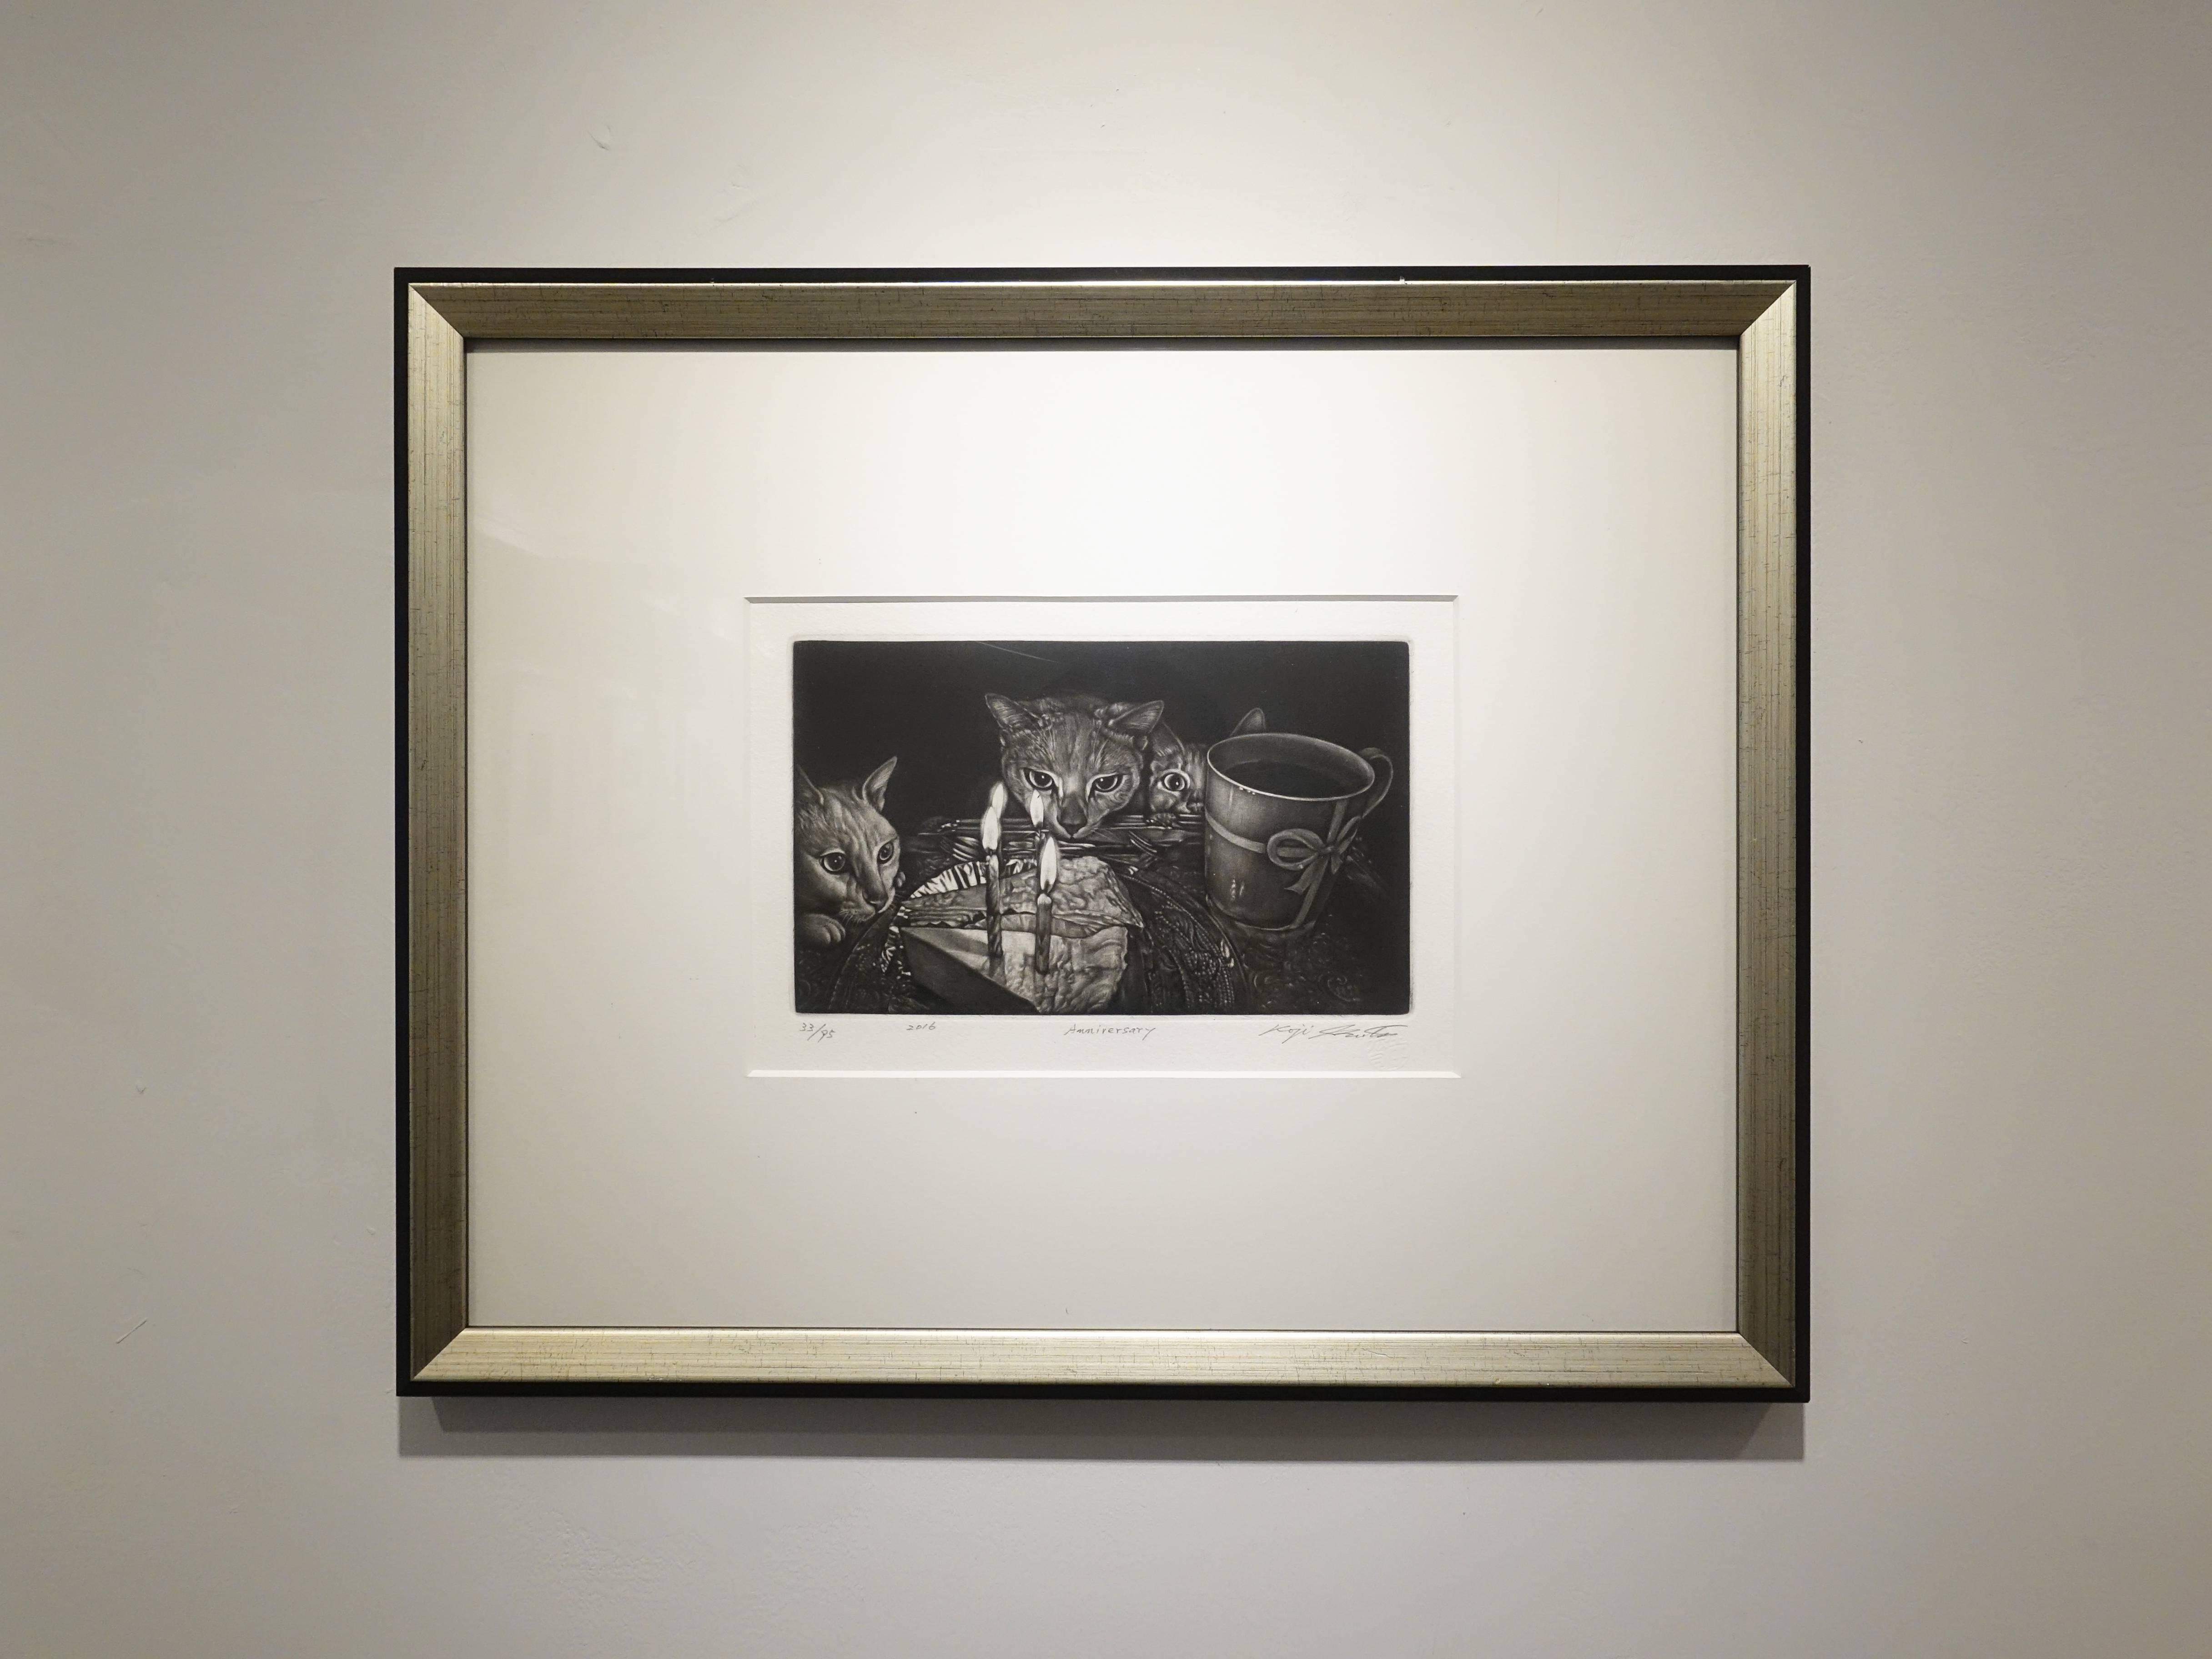 生田宏司,《慶生會》,美柔汀銅版,2016。